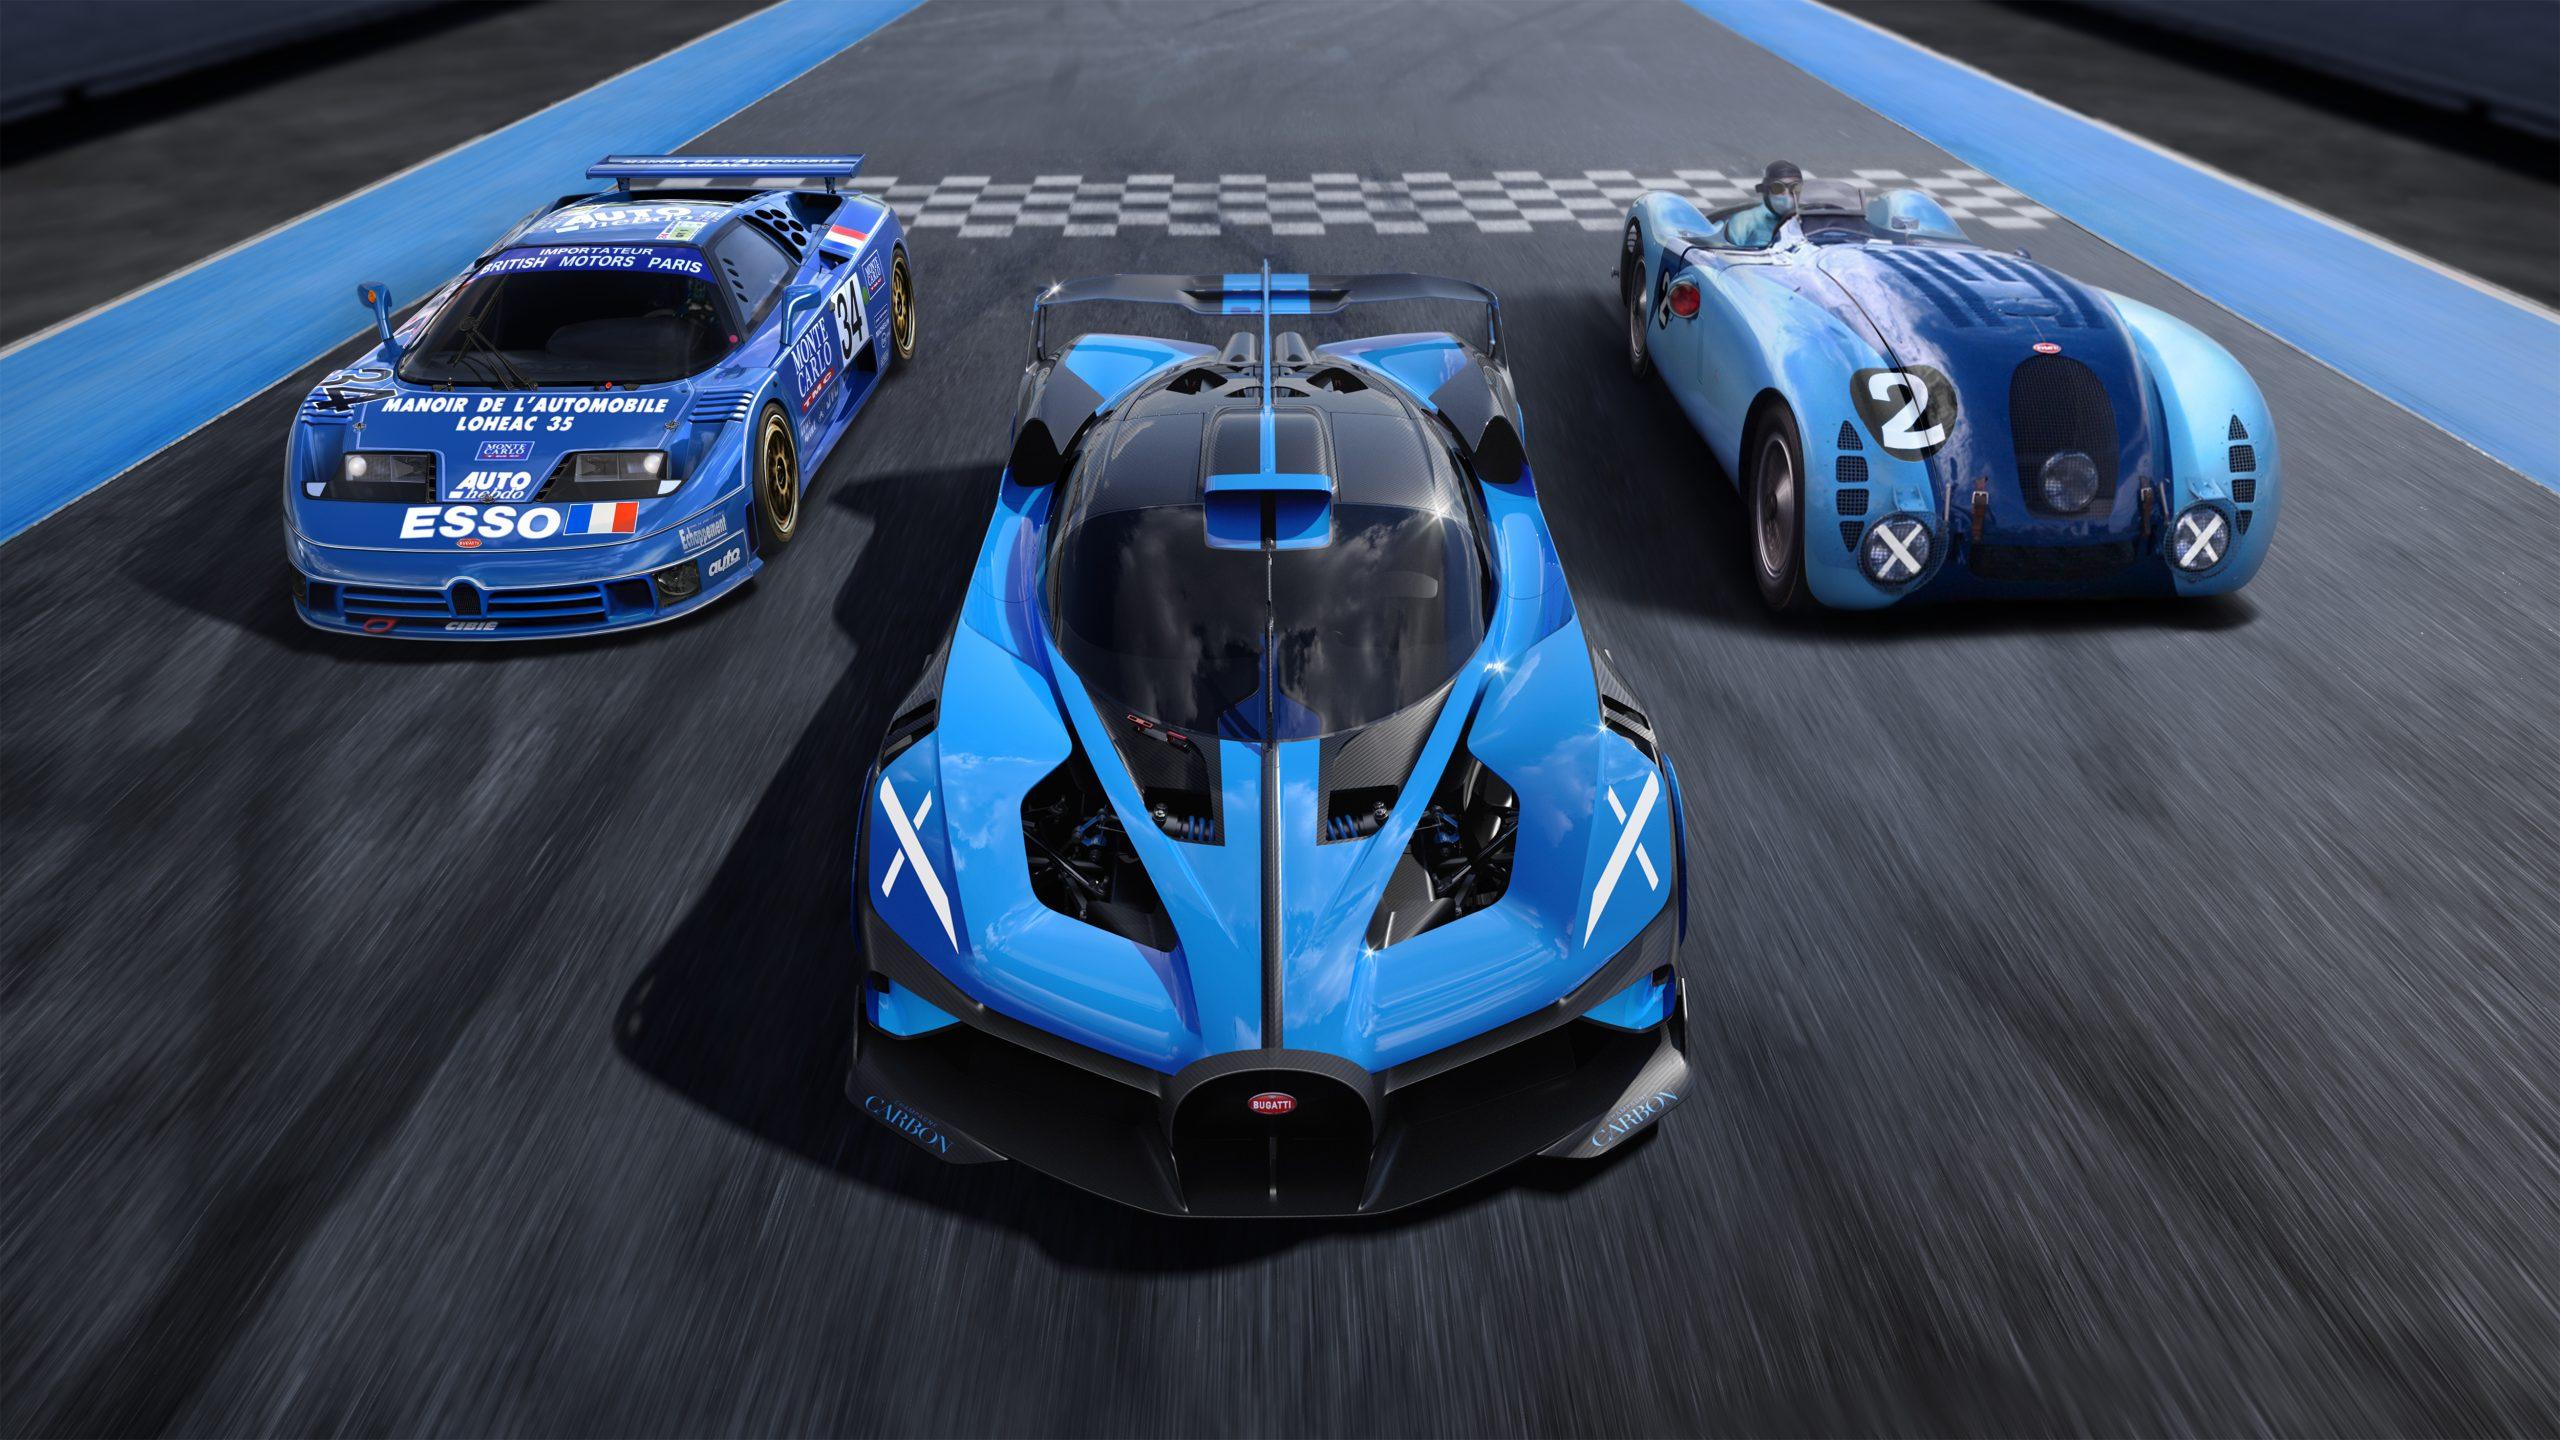 Bugatti bolide front on track